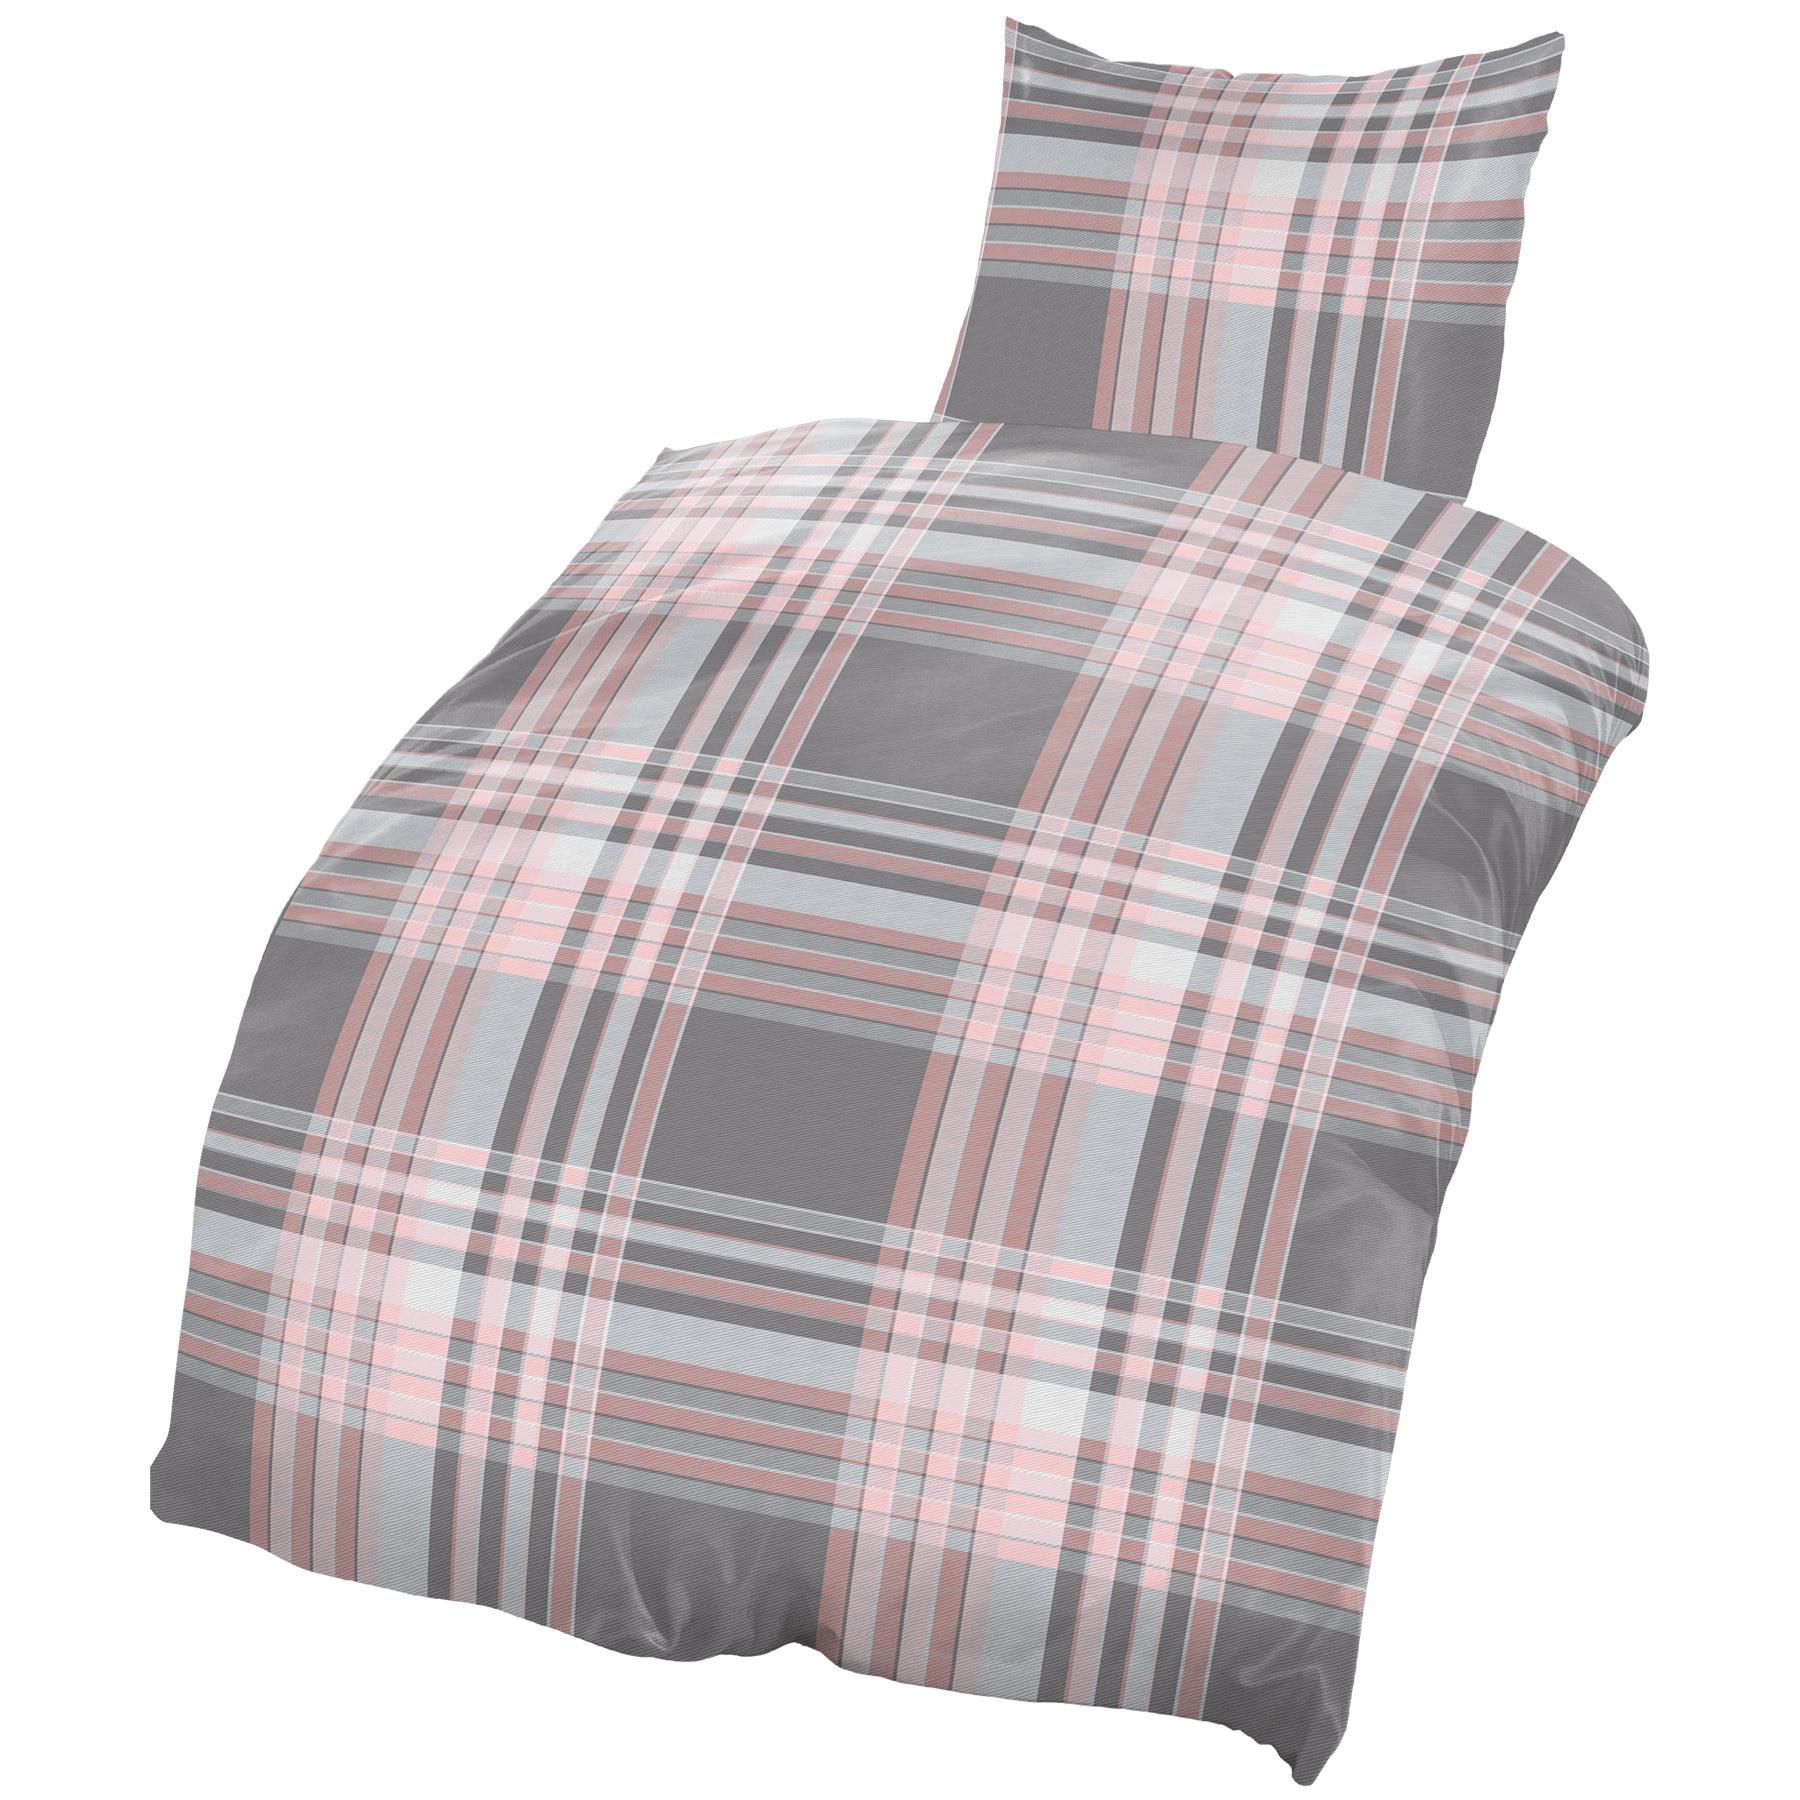 4 teilig bettw sche 135x200 cm grau silber altrosa karo streifen baumwolle set ebay. Black Bedroom Furniture Sets. Home Design Ideas